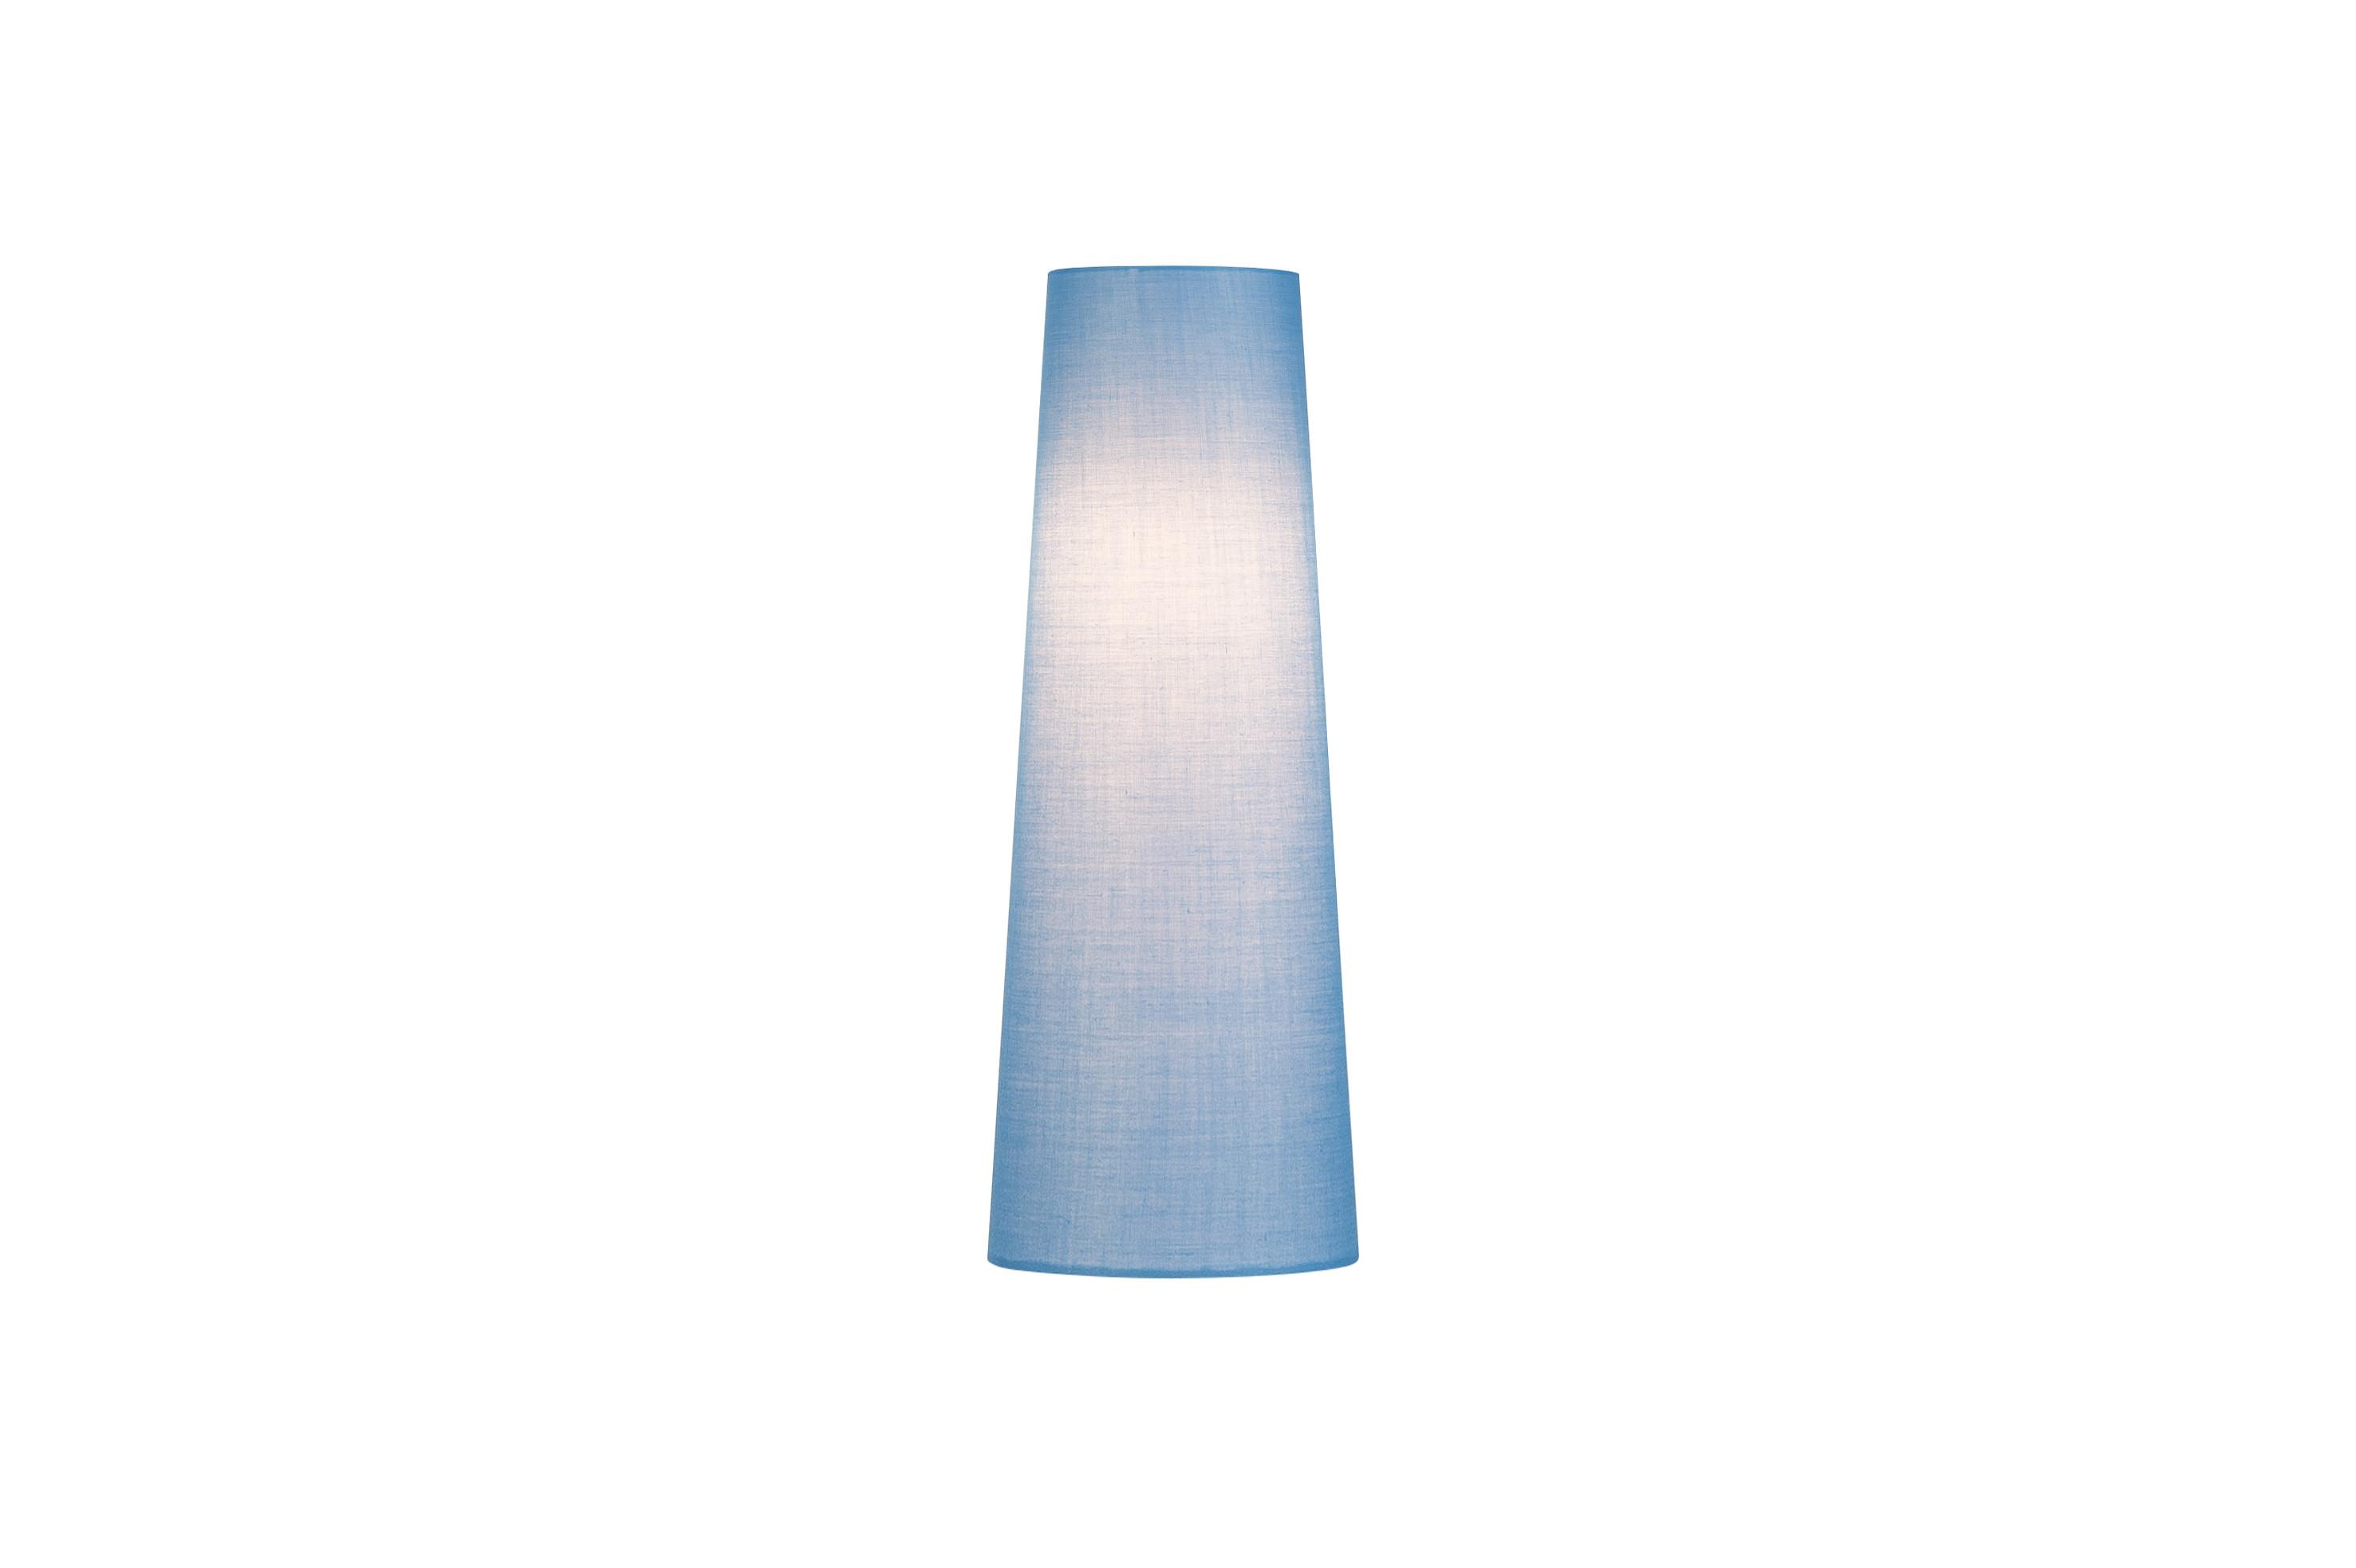 1 Stk FENDA, Leuchtenschirm, konisch, blau, Ø/H 15/40 cm LI156207--